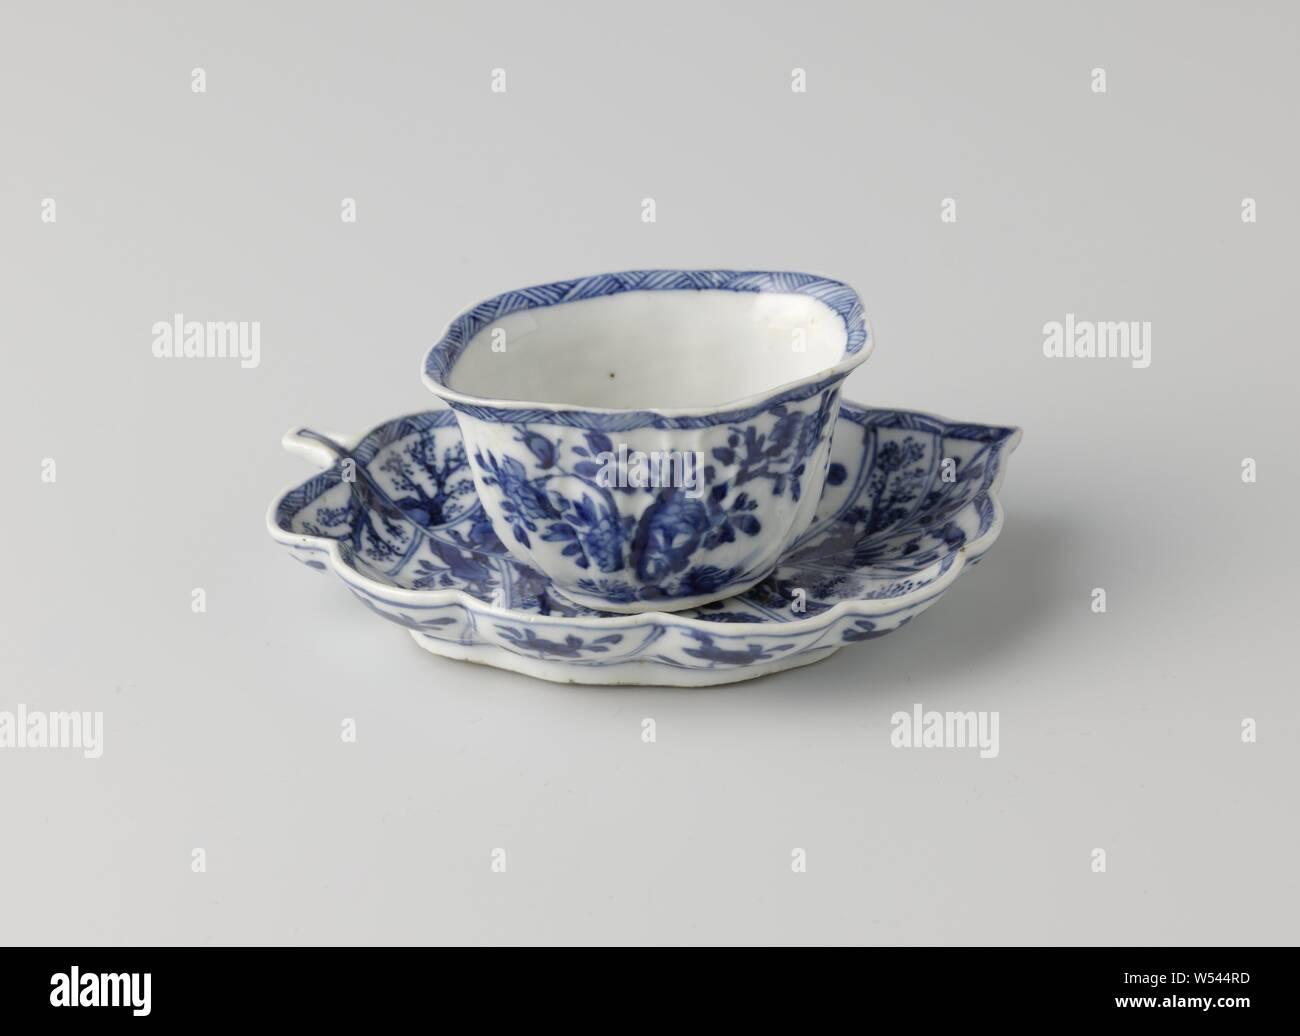 """Taza con platillo en forma de una hoja, taza y plato de porcelana, el platillo en la forma de una hoja, pintado de azul underglaze. La cabeza modelada con venas en el exterior y pintados con una rama de flores flores cuatro veces, una rama de flores en la parte inferior, el interior y el exterior del borde con una banda decorativa con la eclosión. El plato está dividido con una caja decoración por los """"ins"""" de la hoja, llena de diversas plantas en floración en una roca. Marcados en la parte inferior del plato con un lotus. Azul Blanco., anónimos, China, c. 1750 - c. 1774, la dinastía Qing (1644-1912) / Periodo Qianlong (1736-1795 Foto de stock"""